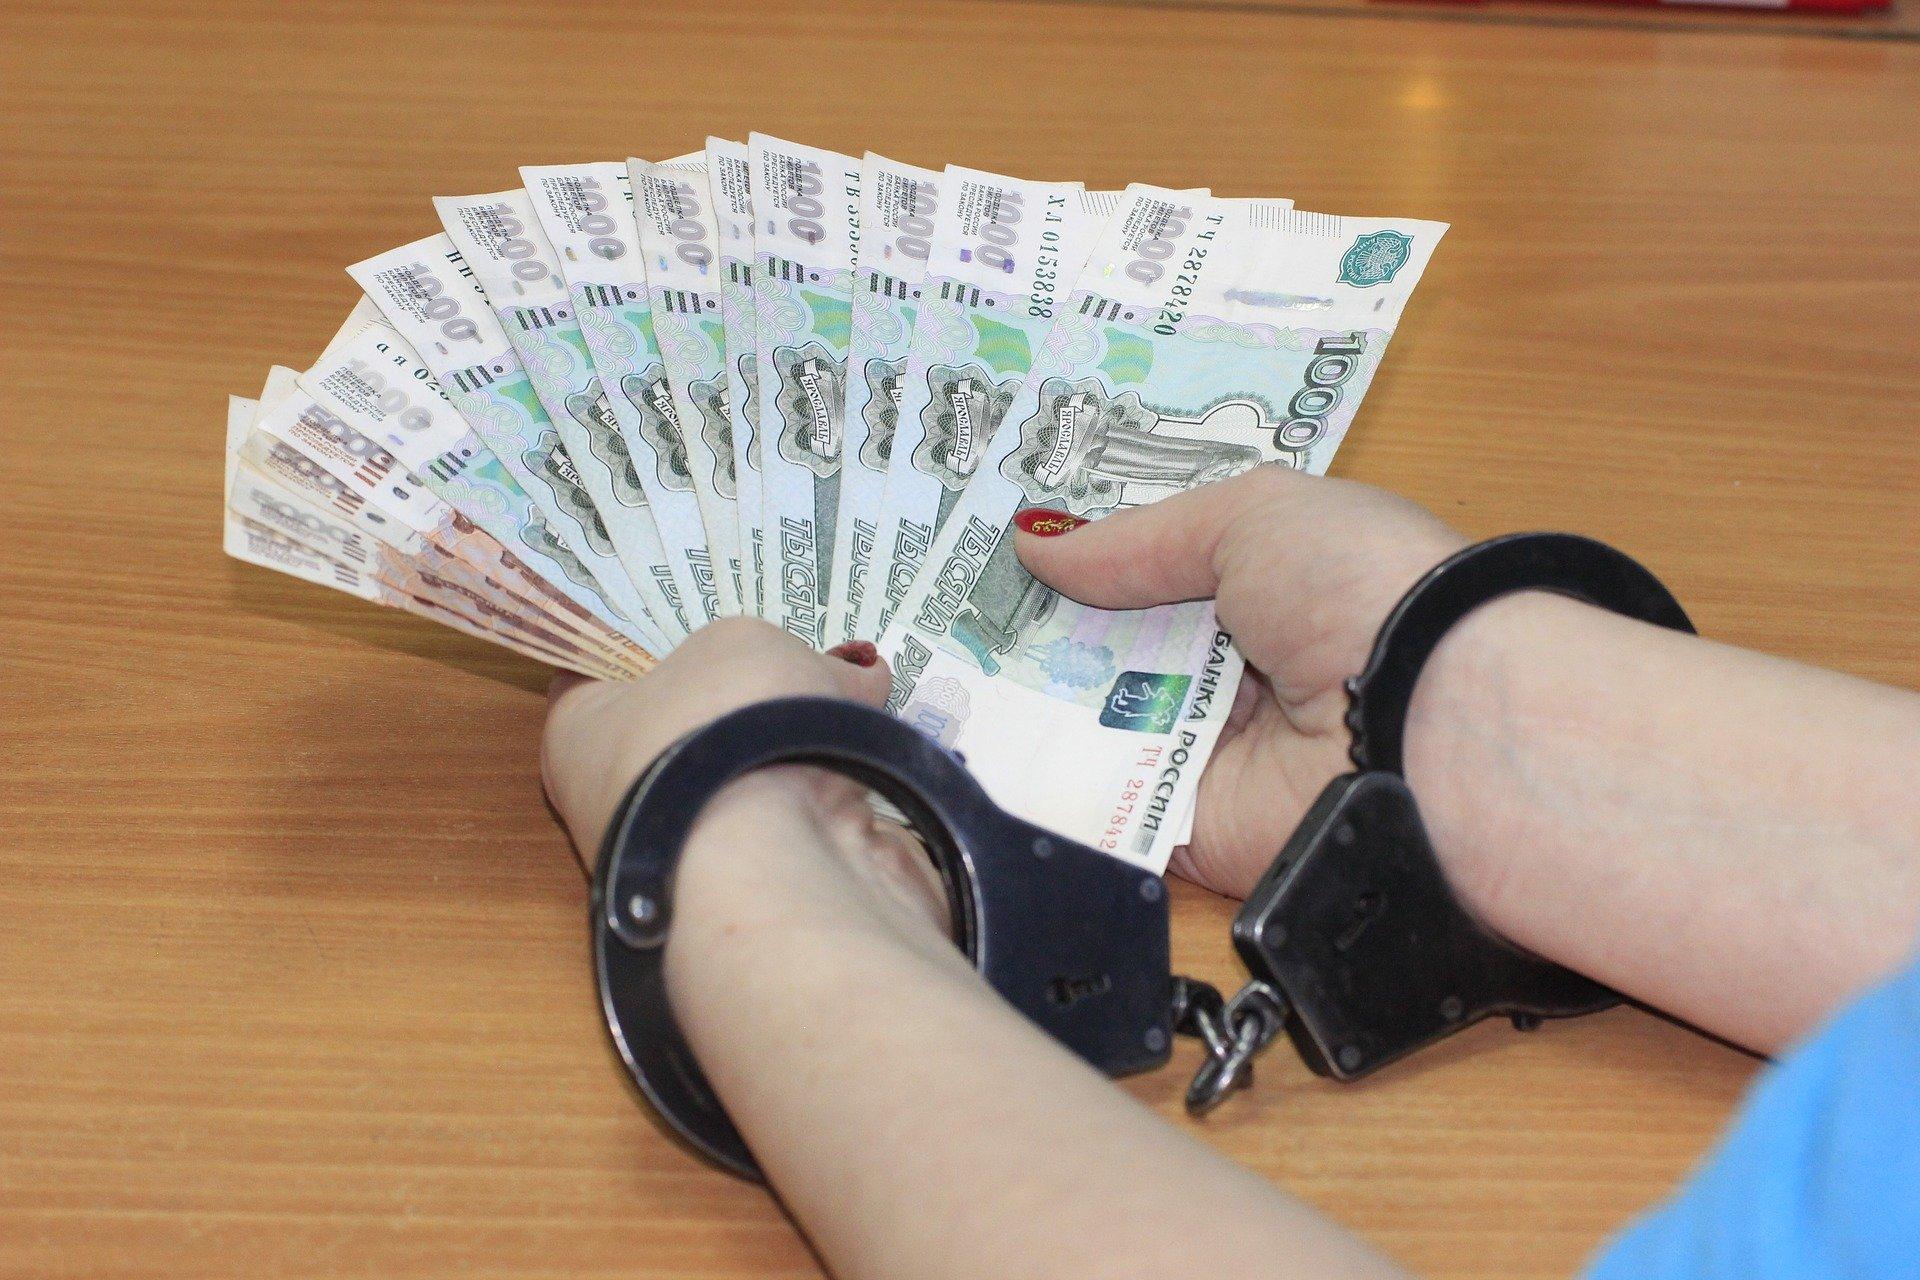 В Новой Ладоге задержана мошенница, похитившая 650 тысяч рублей у пенсионера